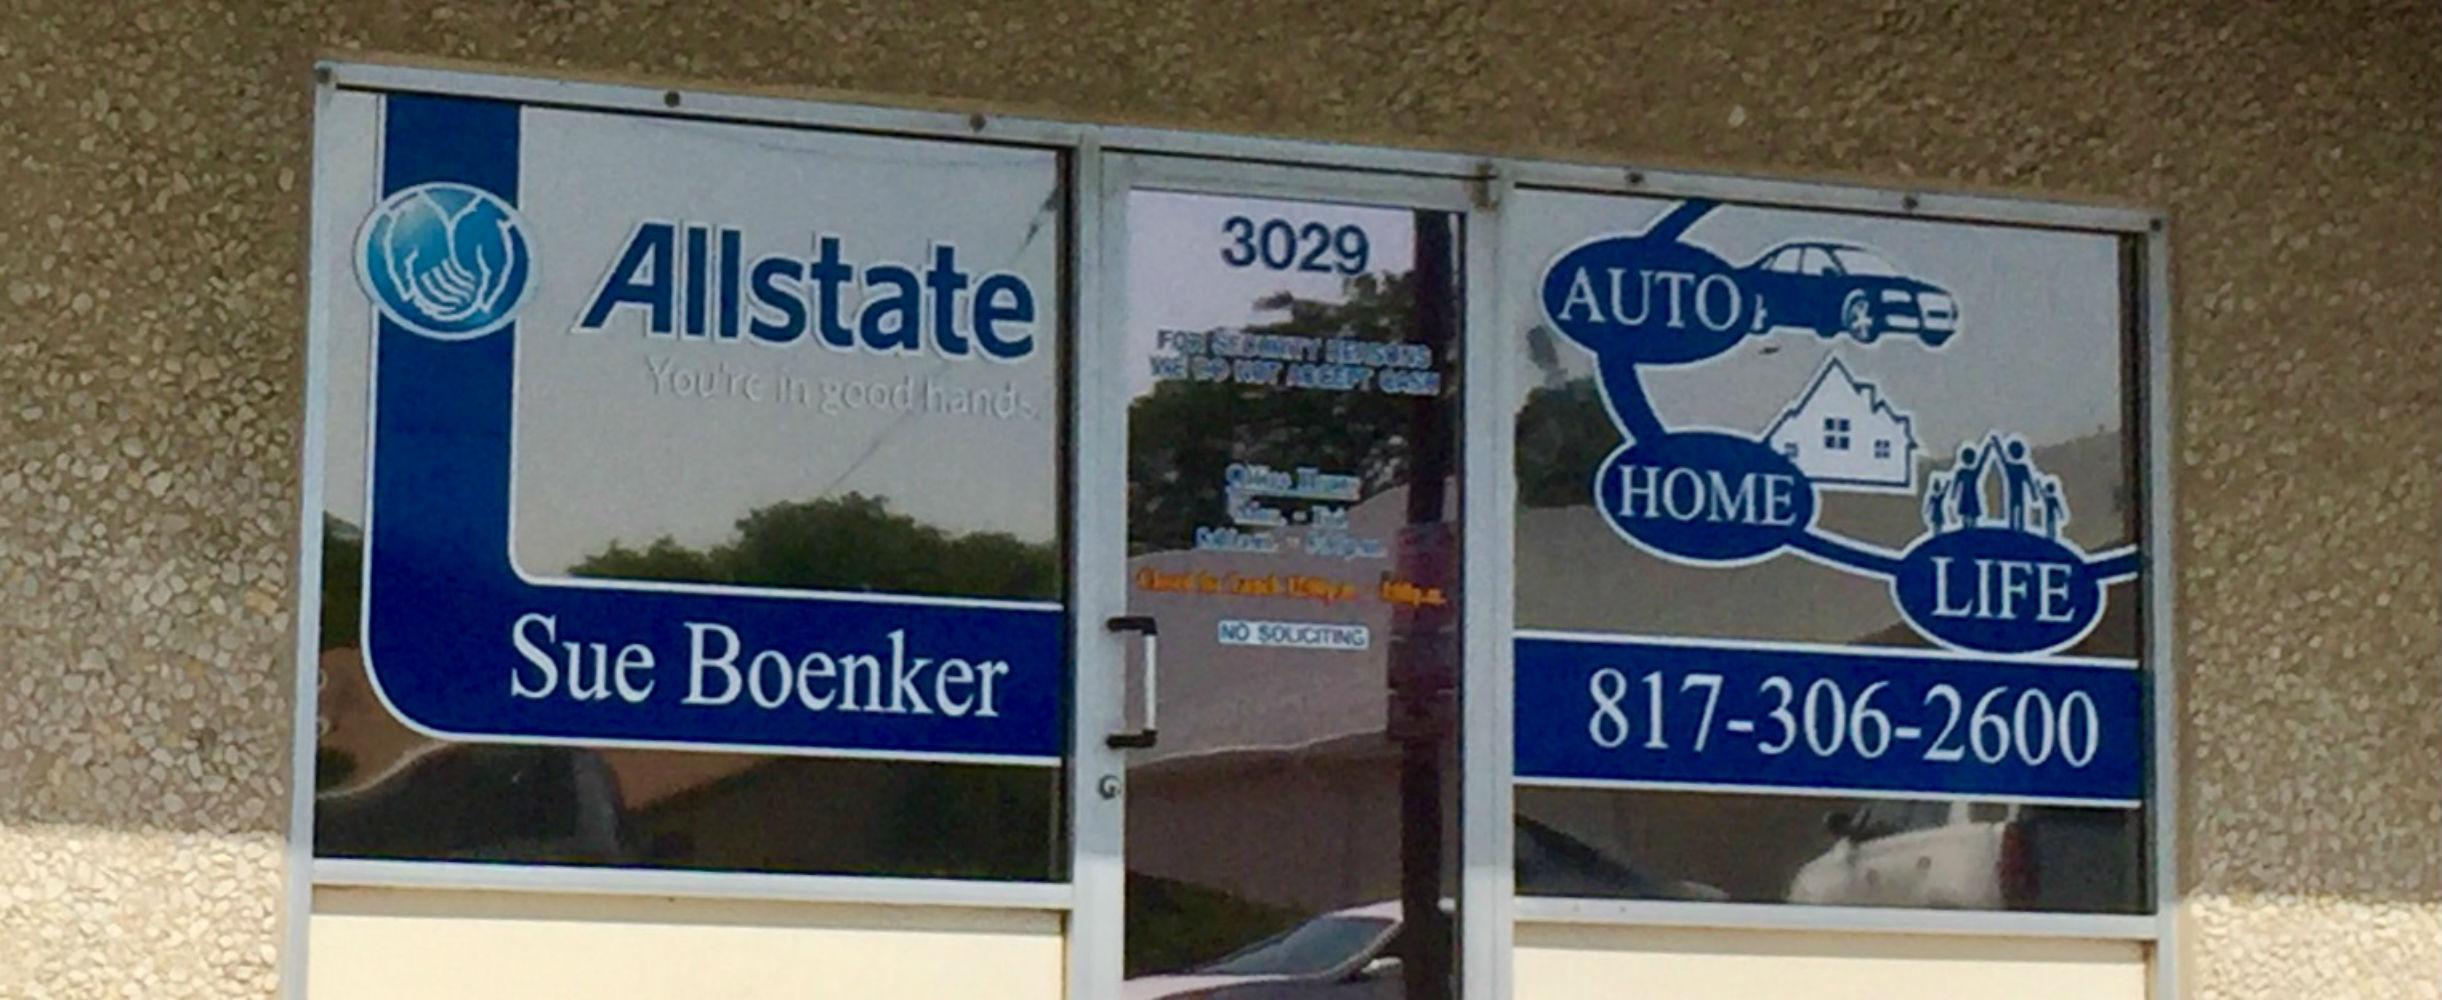 Sue N. Boenker: Allstate Insurance image 2